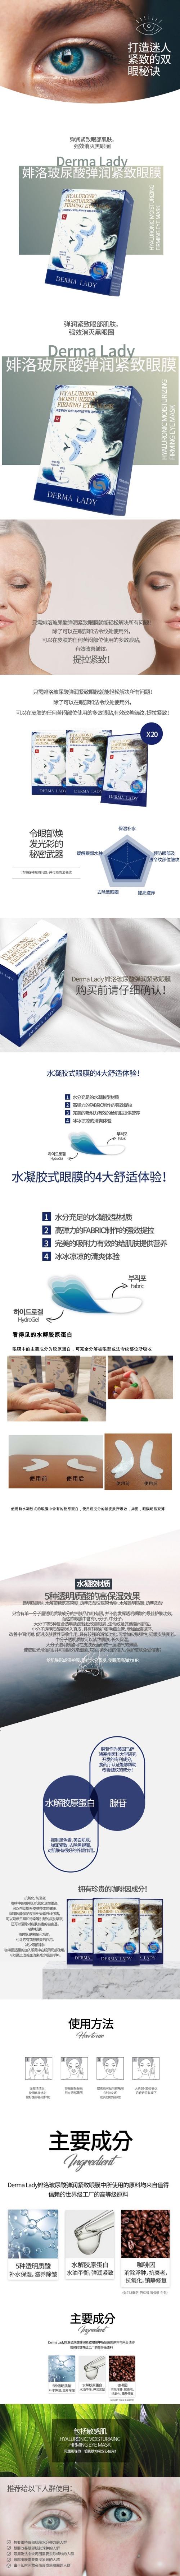 韓索依的賣場~這價格怕是瘋了!海參眼膜!婔洛玻尿酸彈潤緊致膠原蛋白眼膜一盒